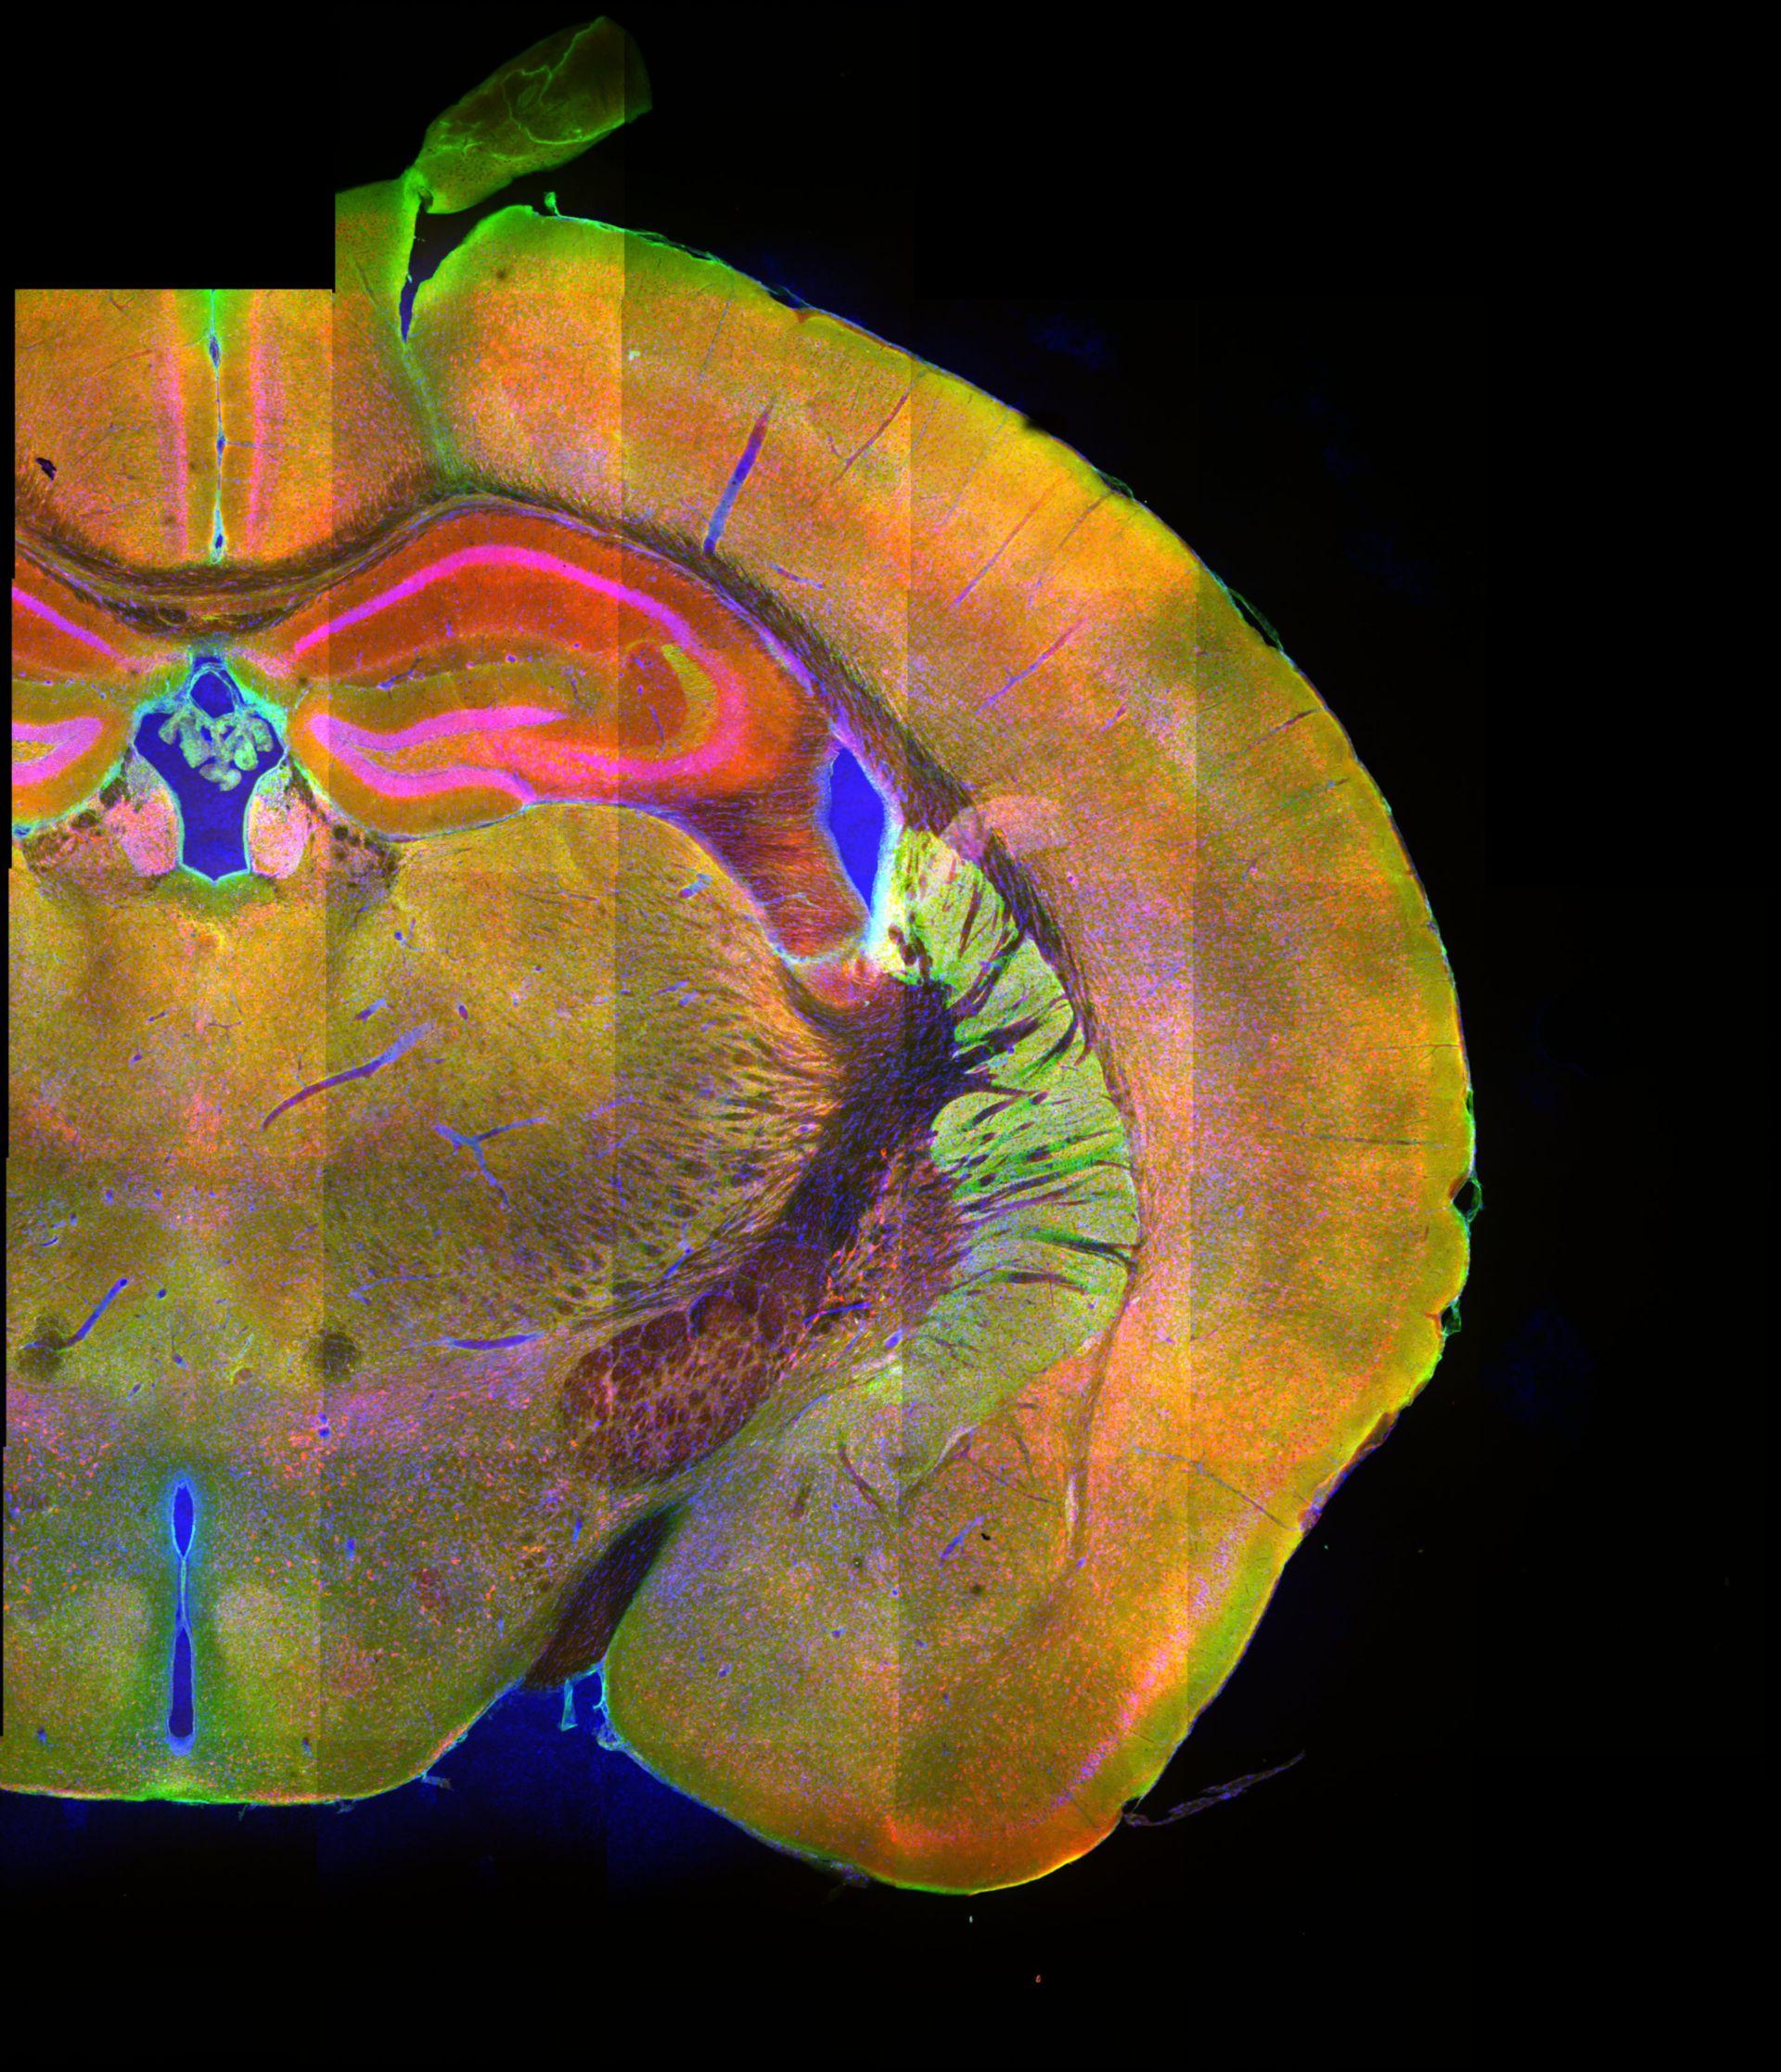 Mosaikbild eines koronalen Mausgewebes